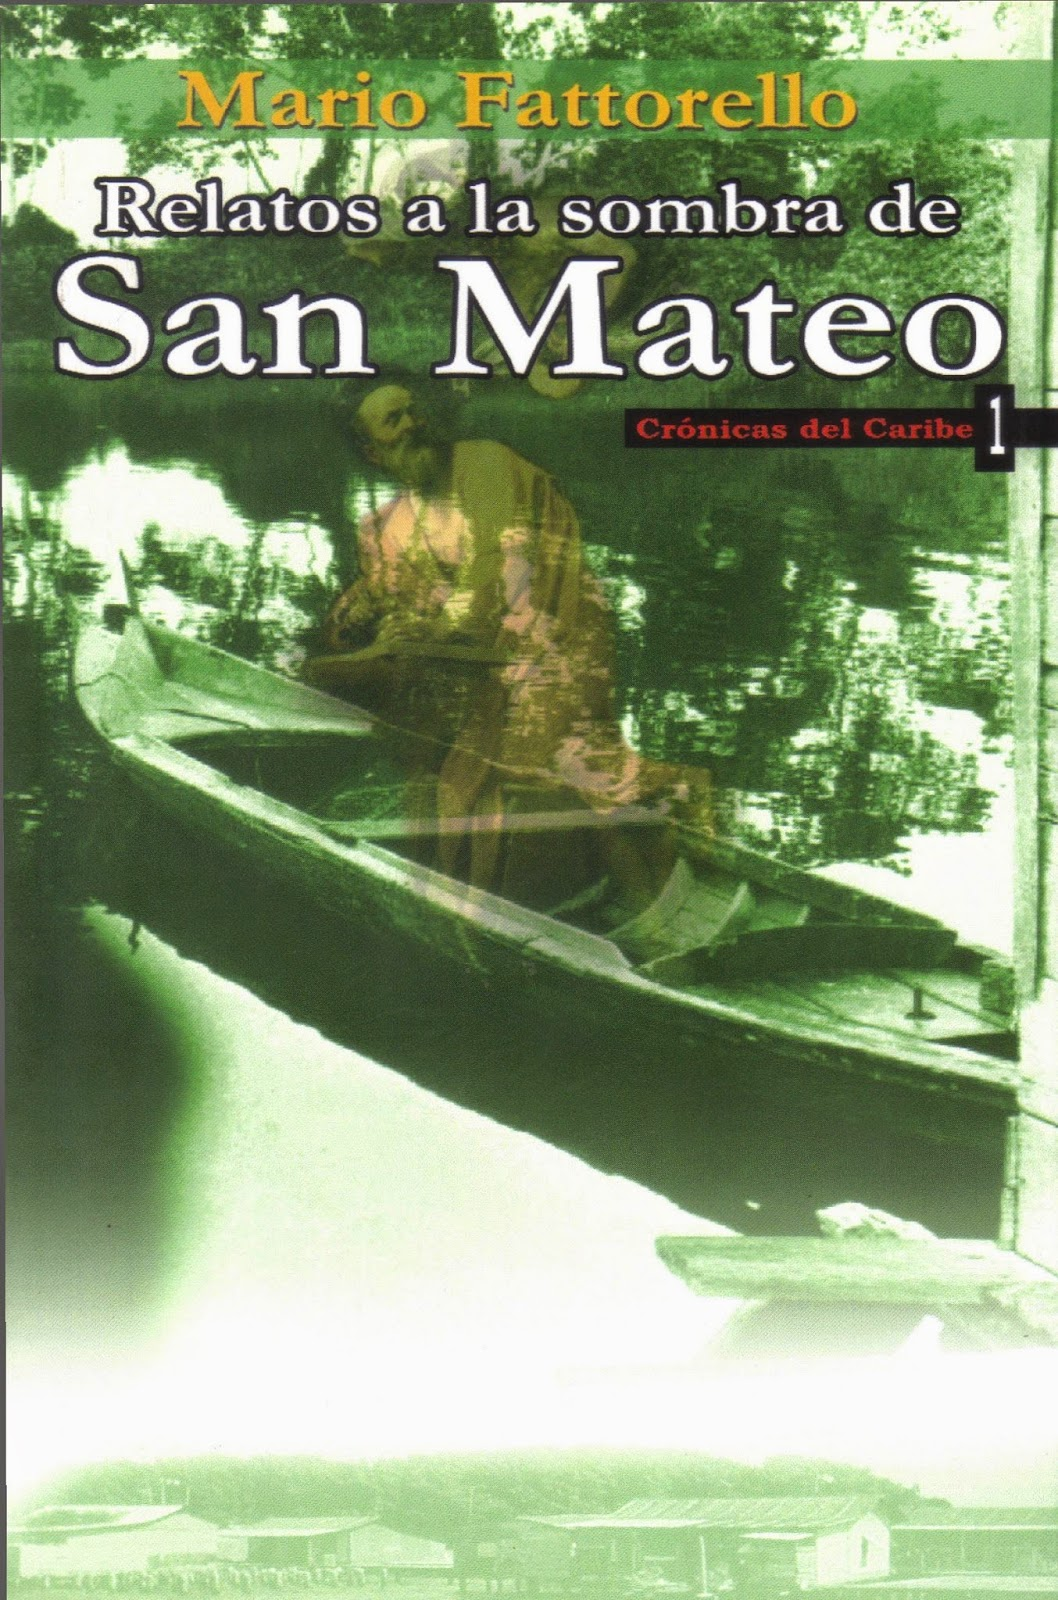 Portada de relatos a la sombra de San Mateo. Mario Fattorello